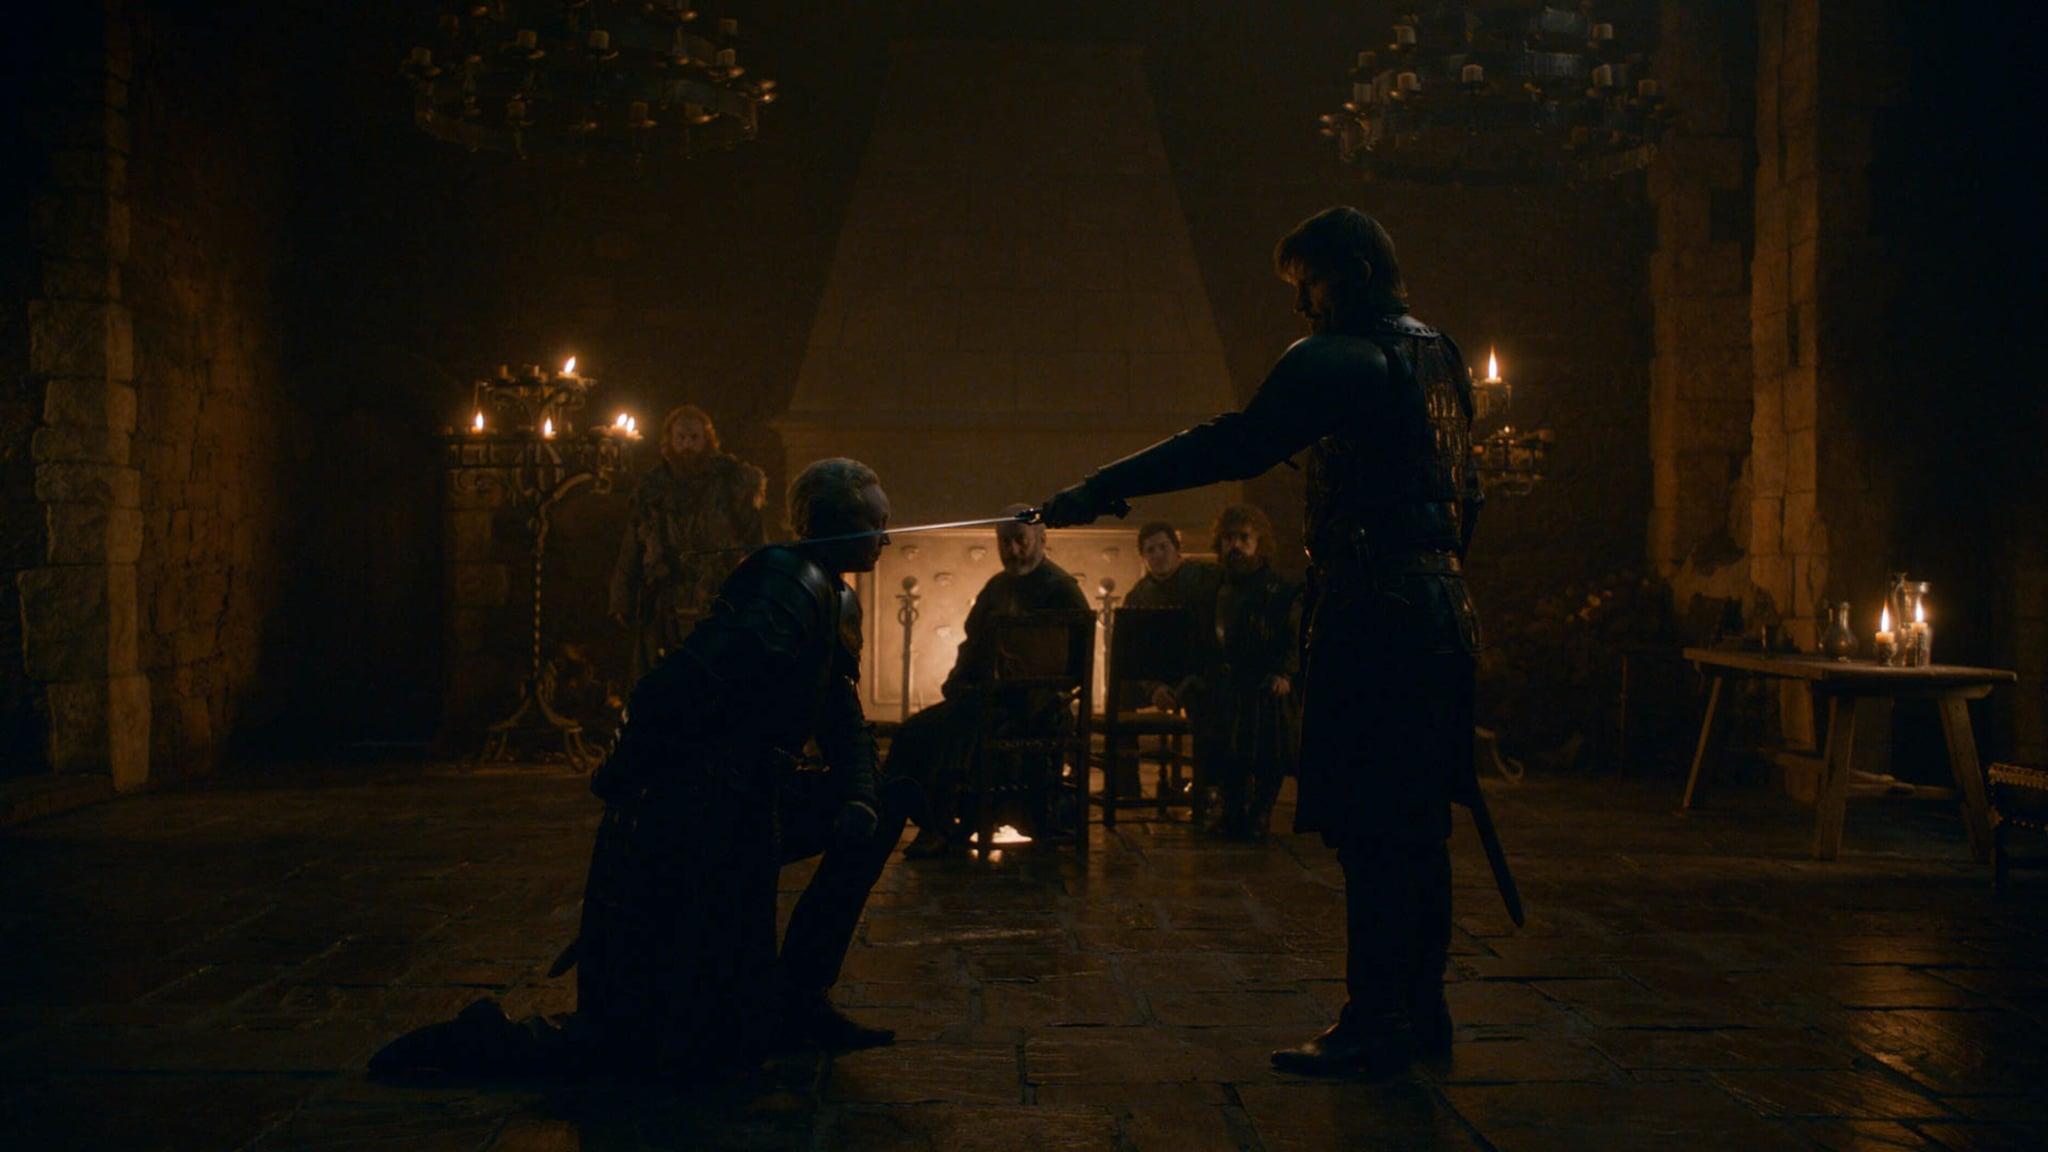 Jaime knighting Brienne